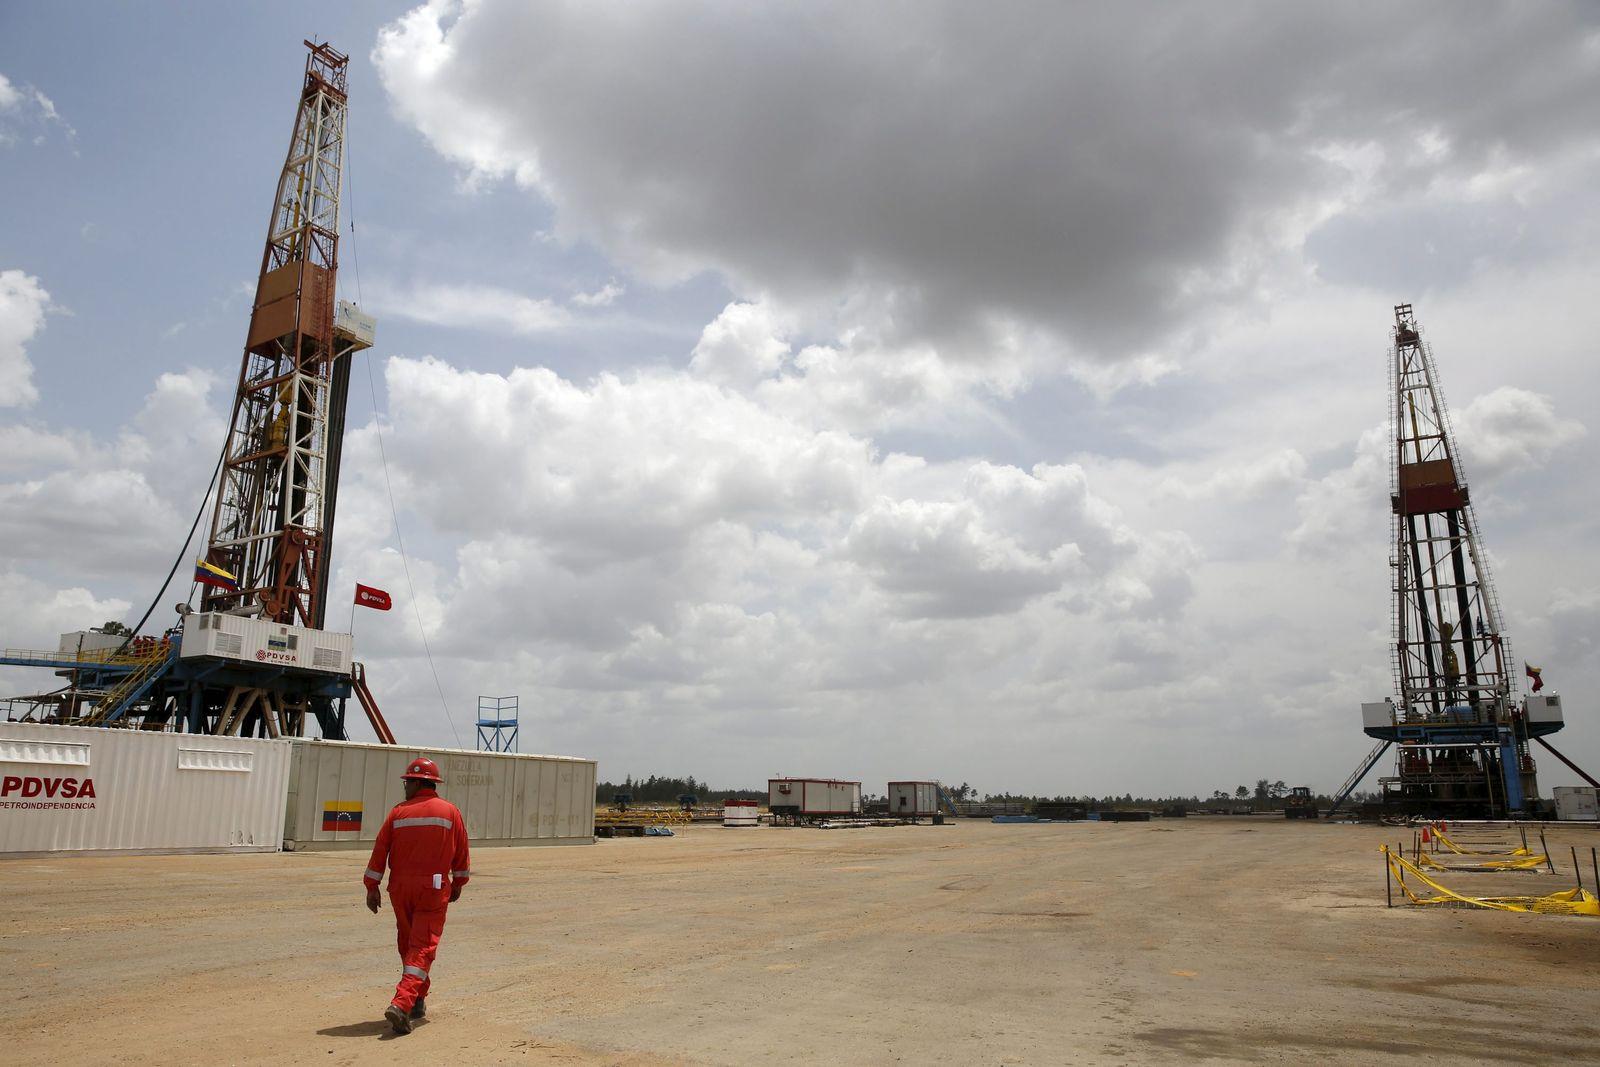 VENEZUELA-PDVSA/OPEC